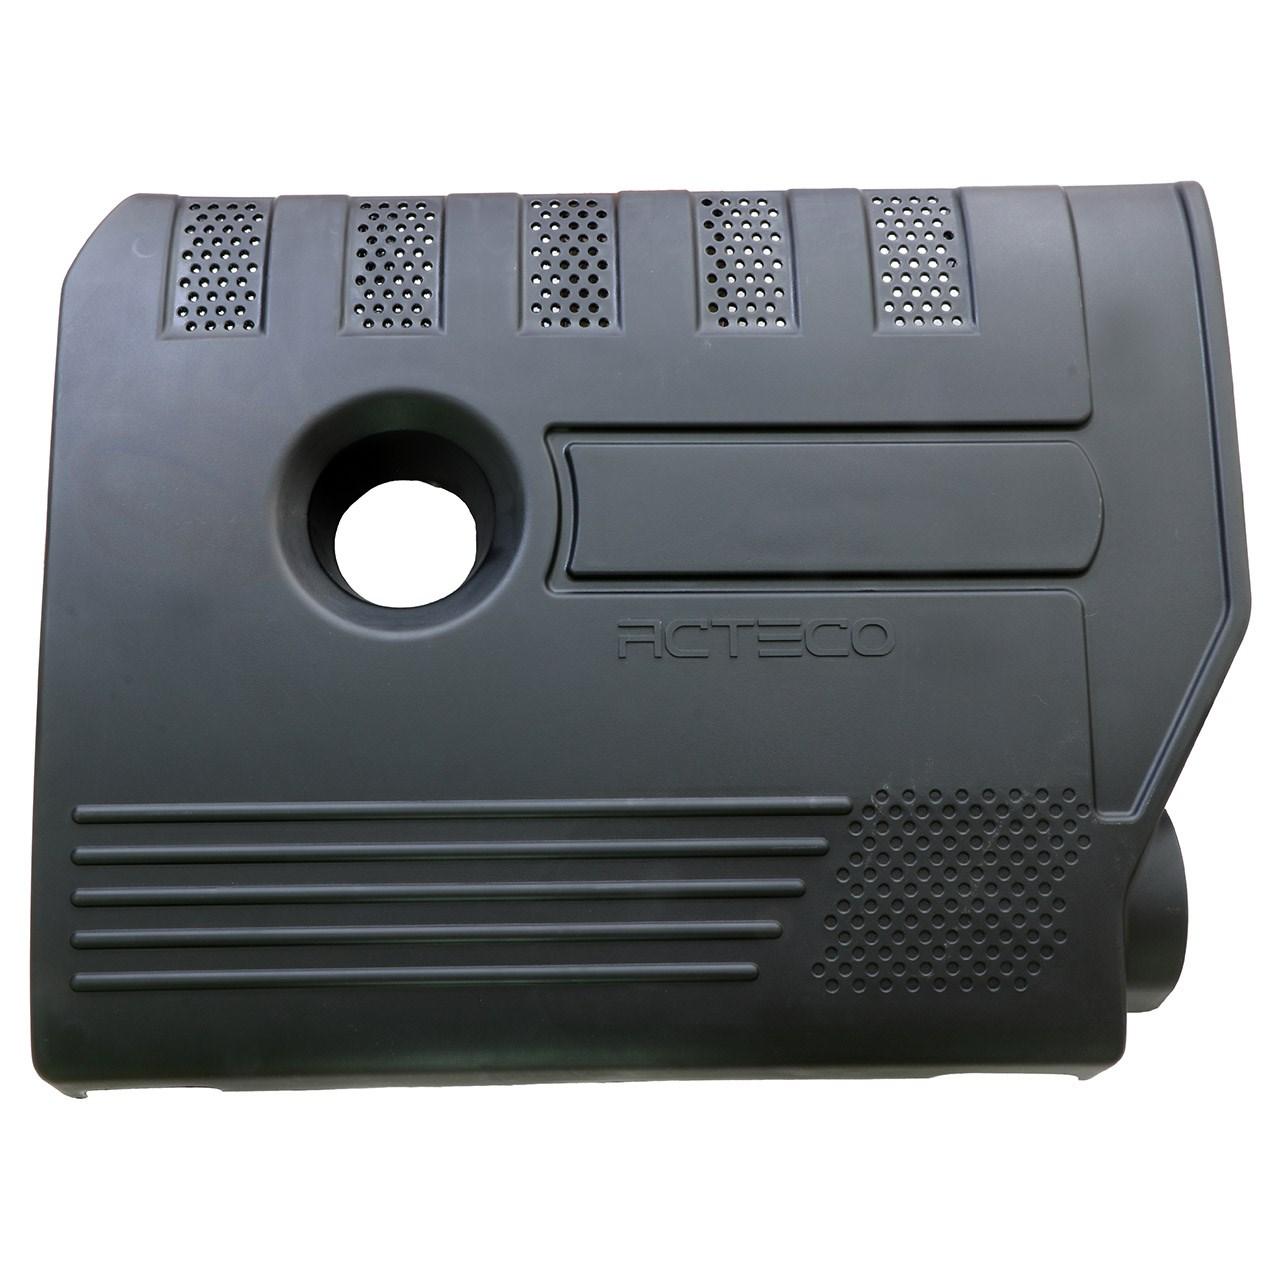 قاب روی موتور ام وی ام مدل A21-1109811 مناسب برای ام وی ام 530